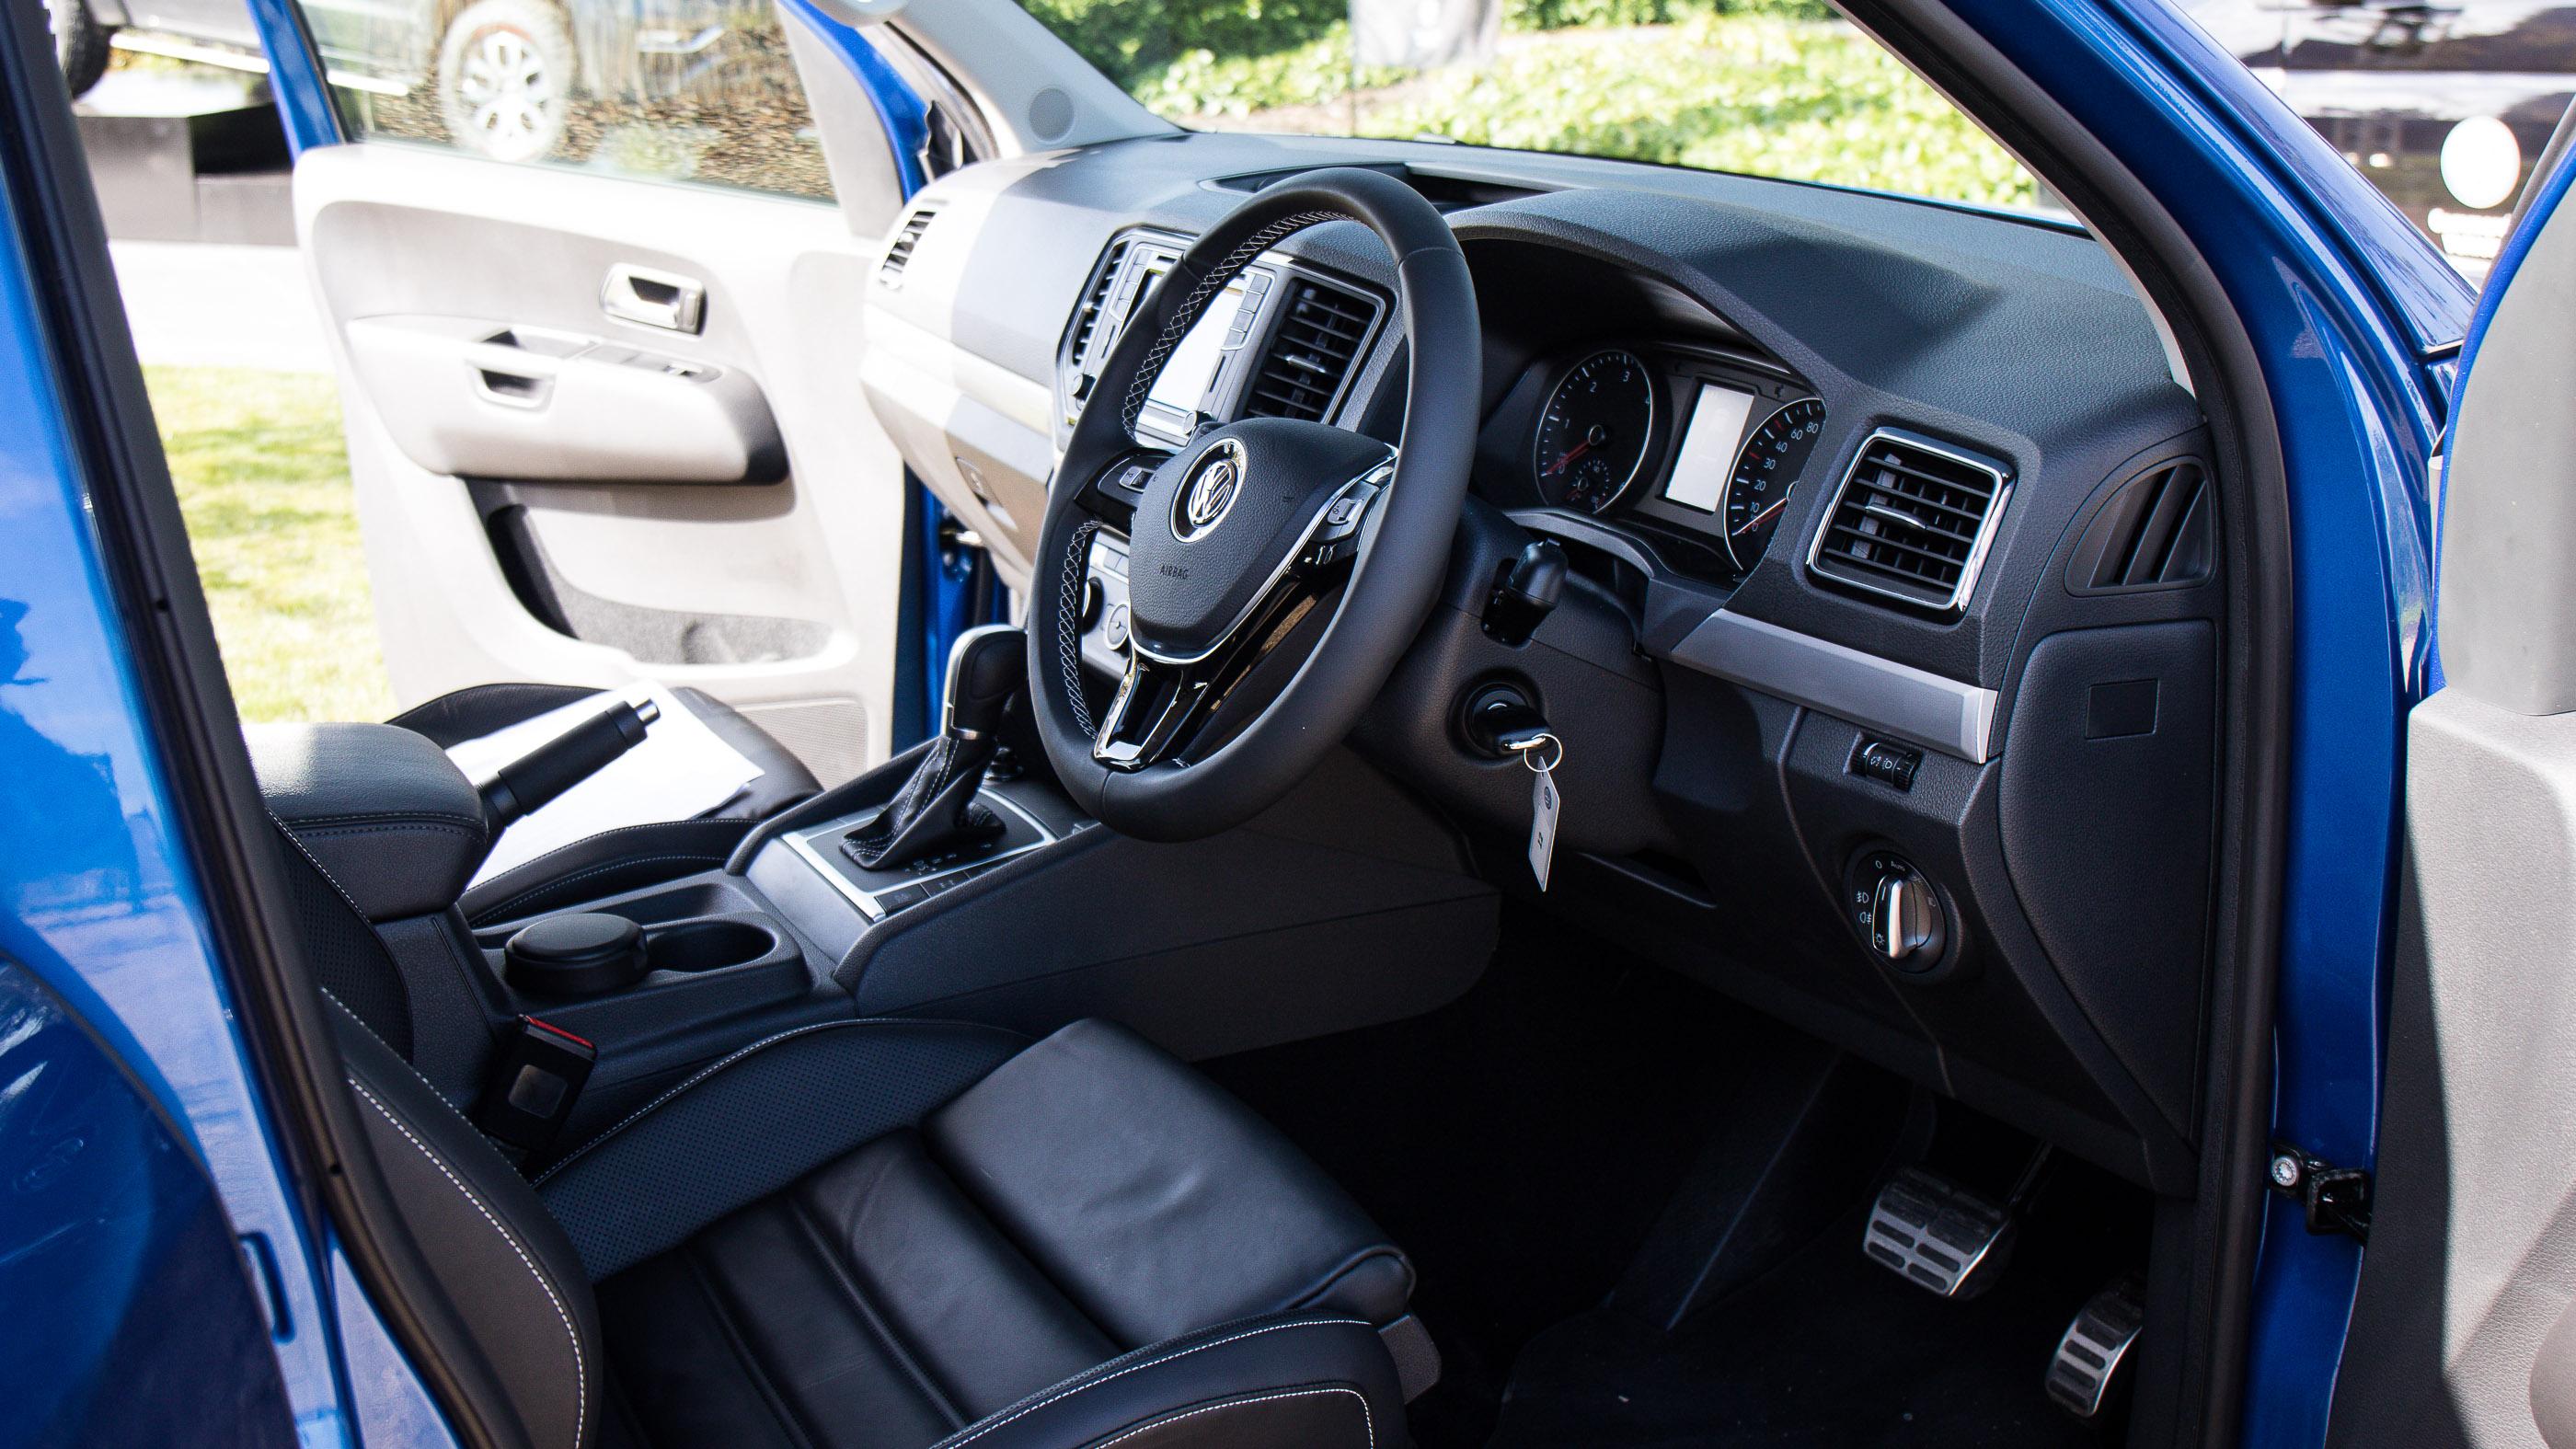 Volkswagen Amarok photo 171724